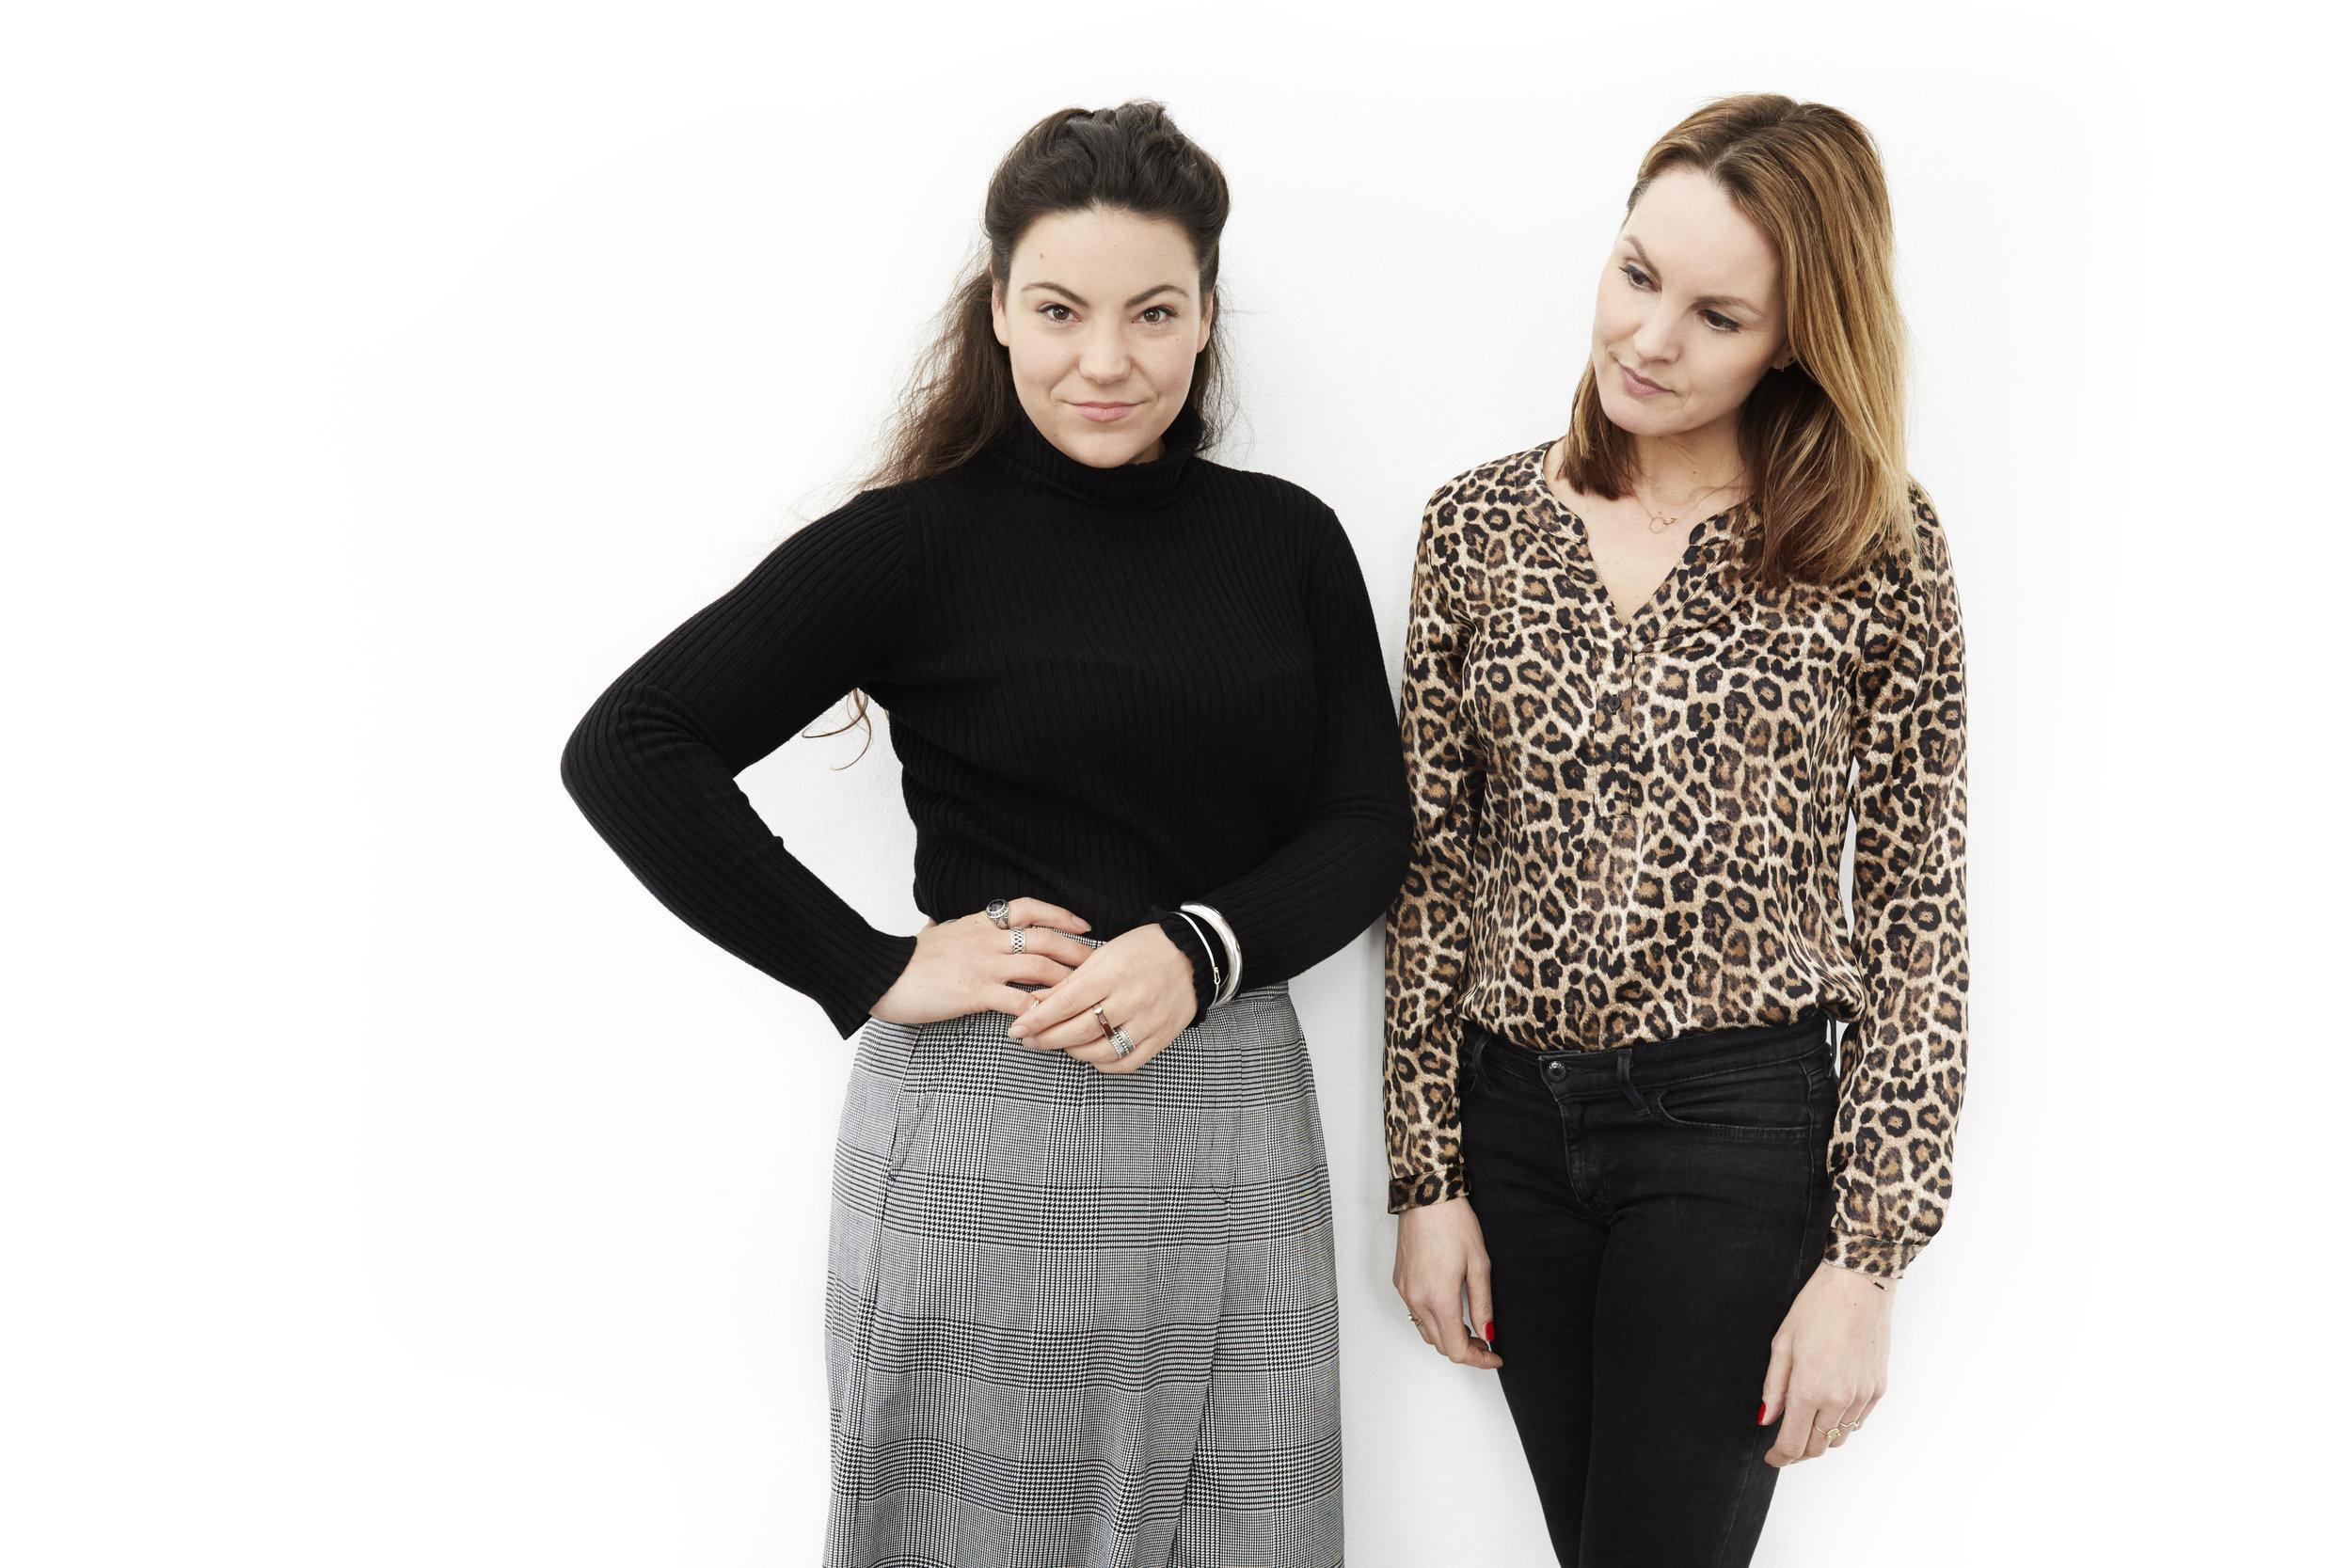 Left: Sophie de Groot. Right: Ymke Verbeek.